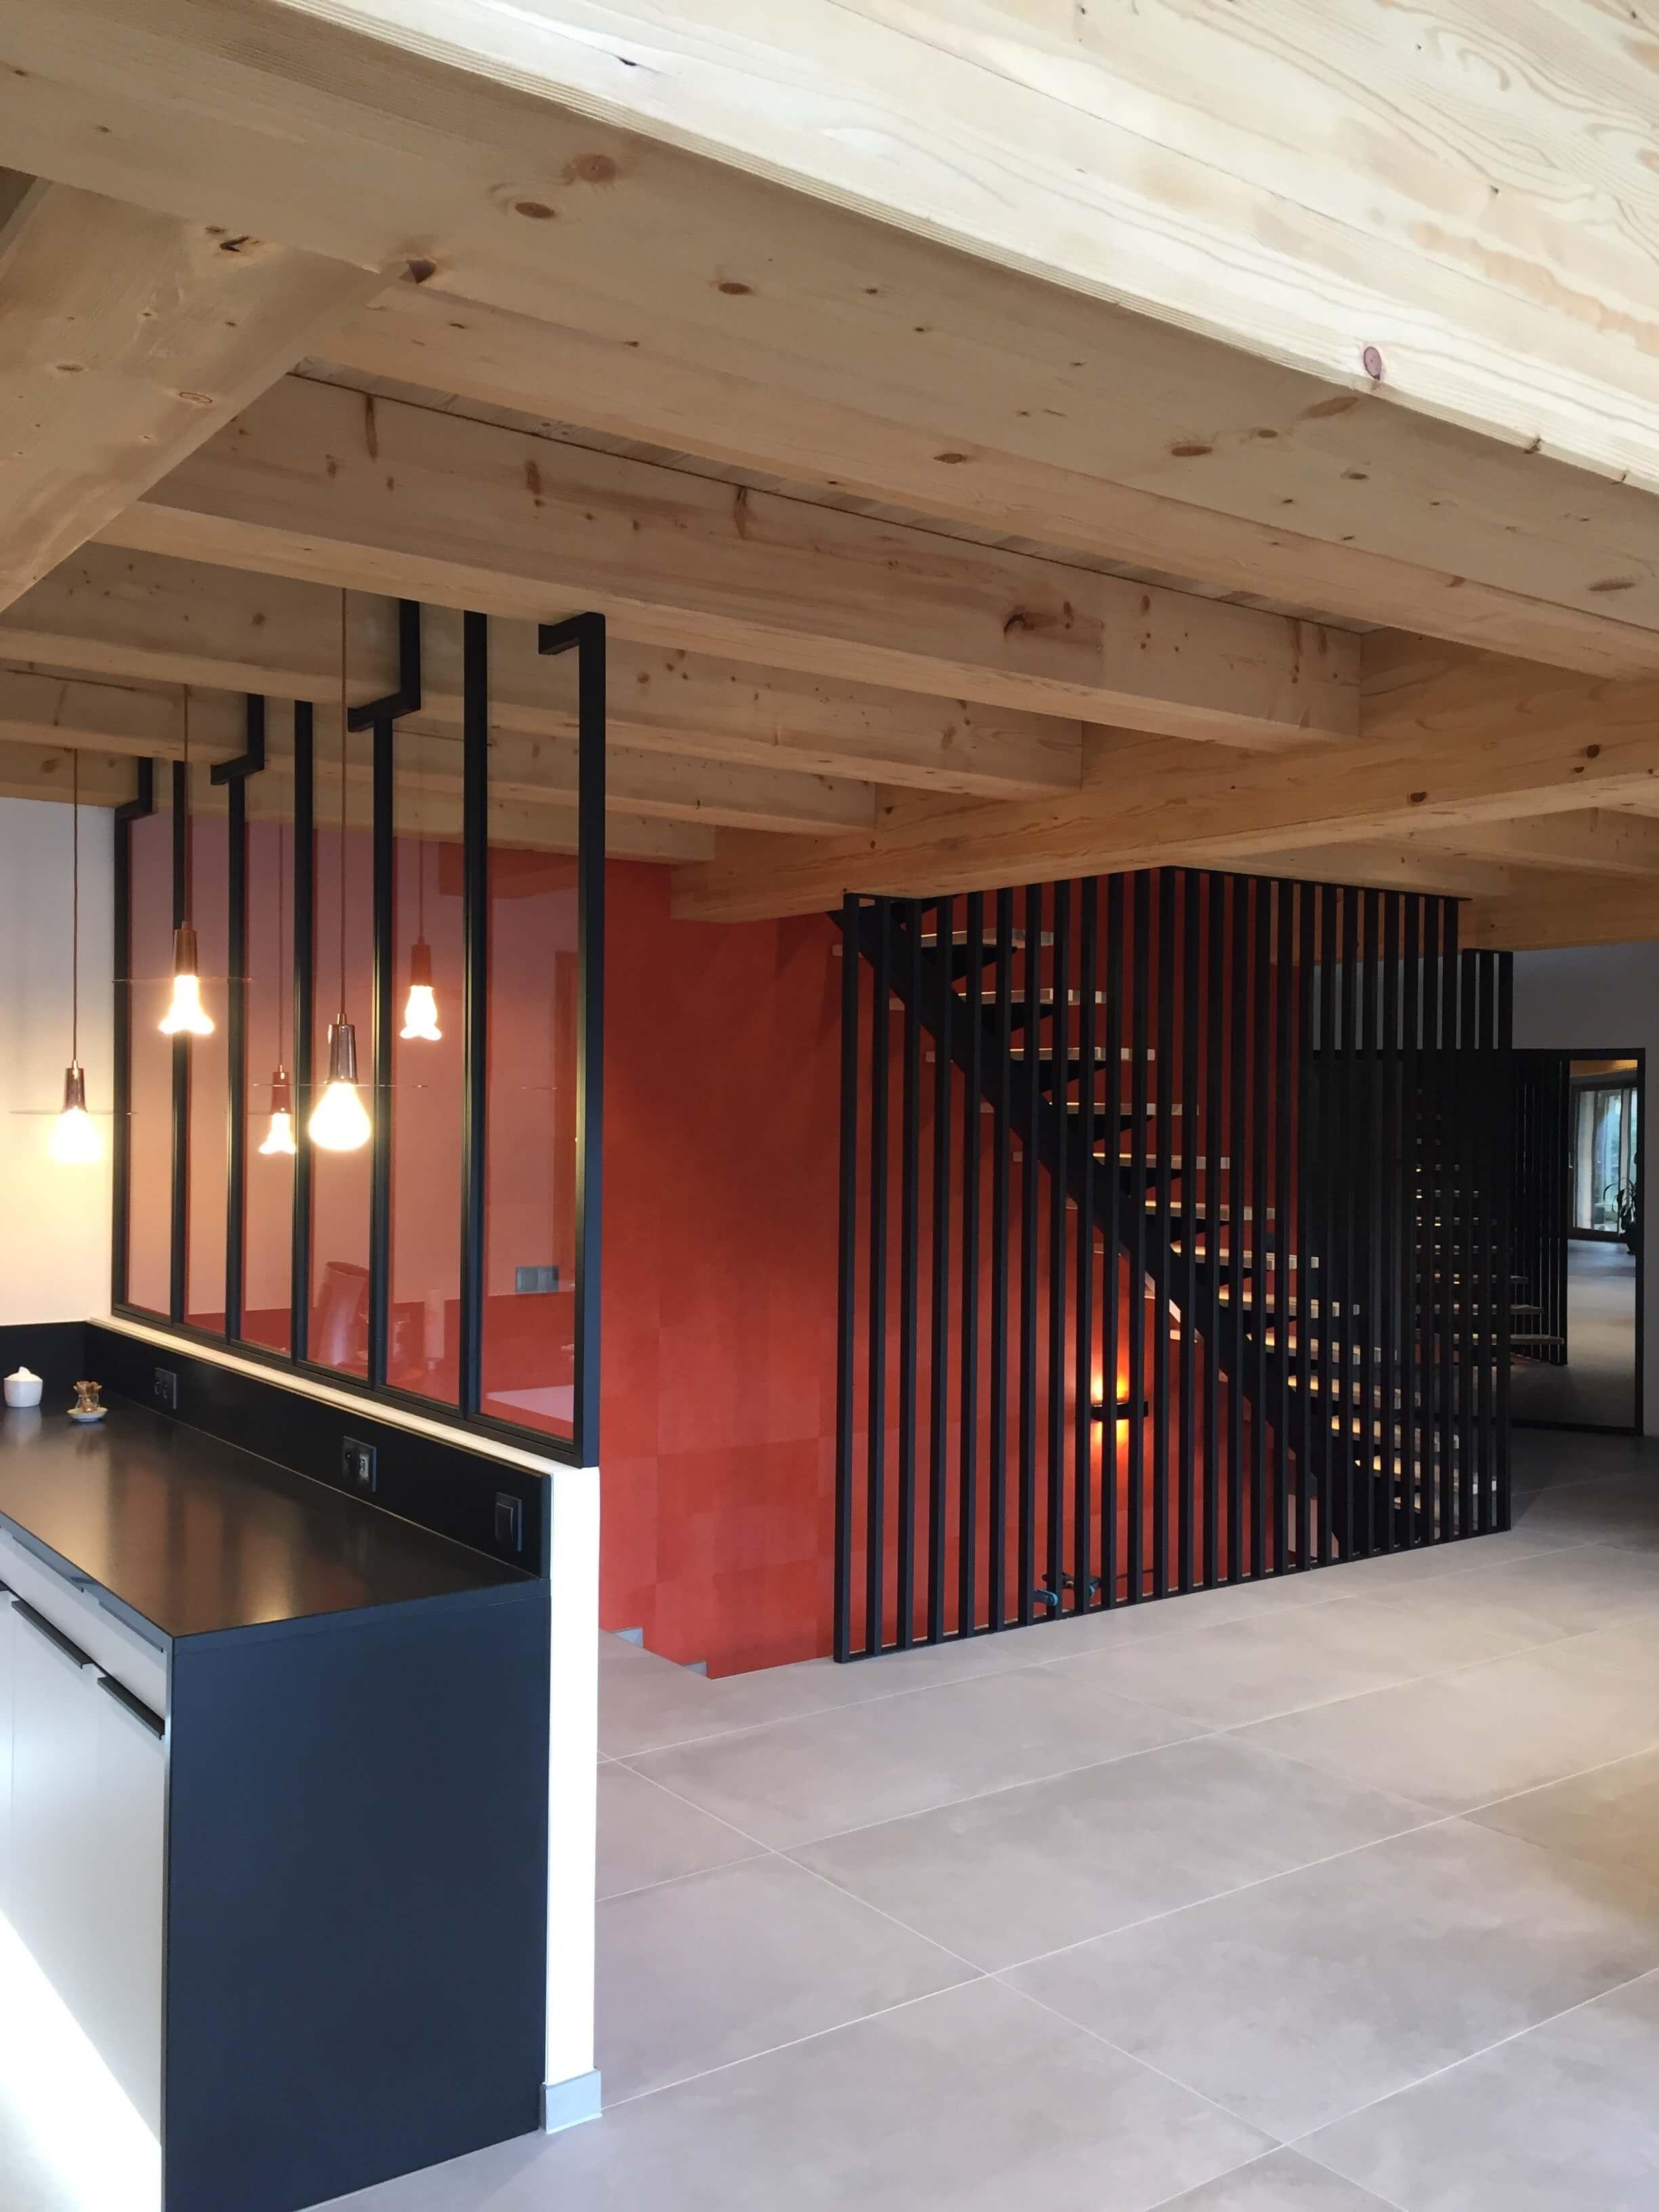 Robi design Métallique Annecy agencement intérieur verrière claustra Tarentaise 7325